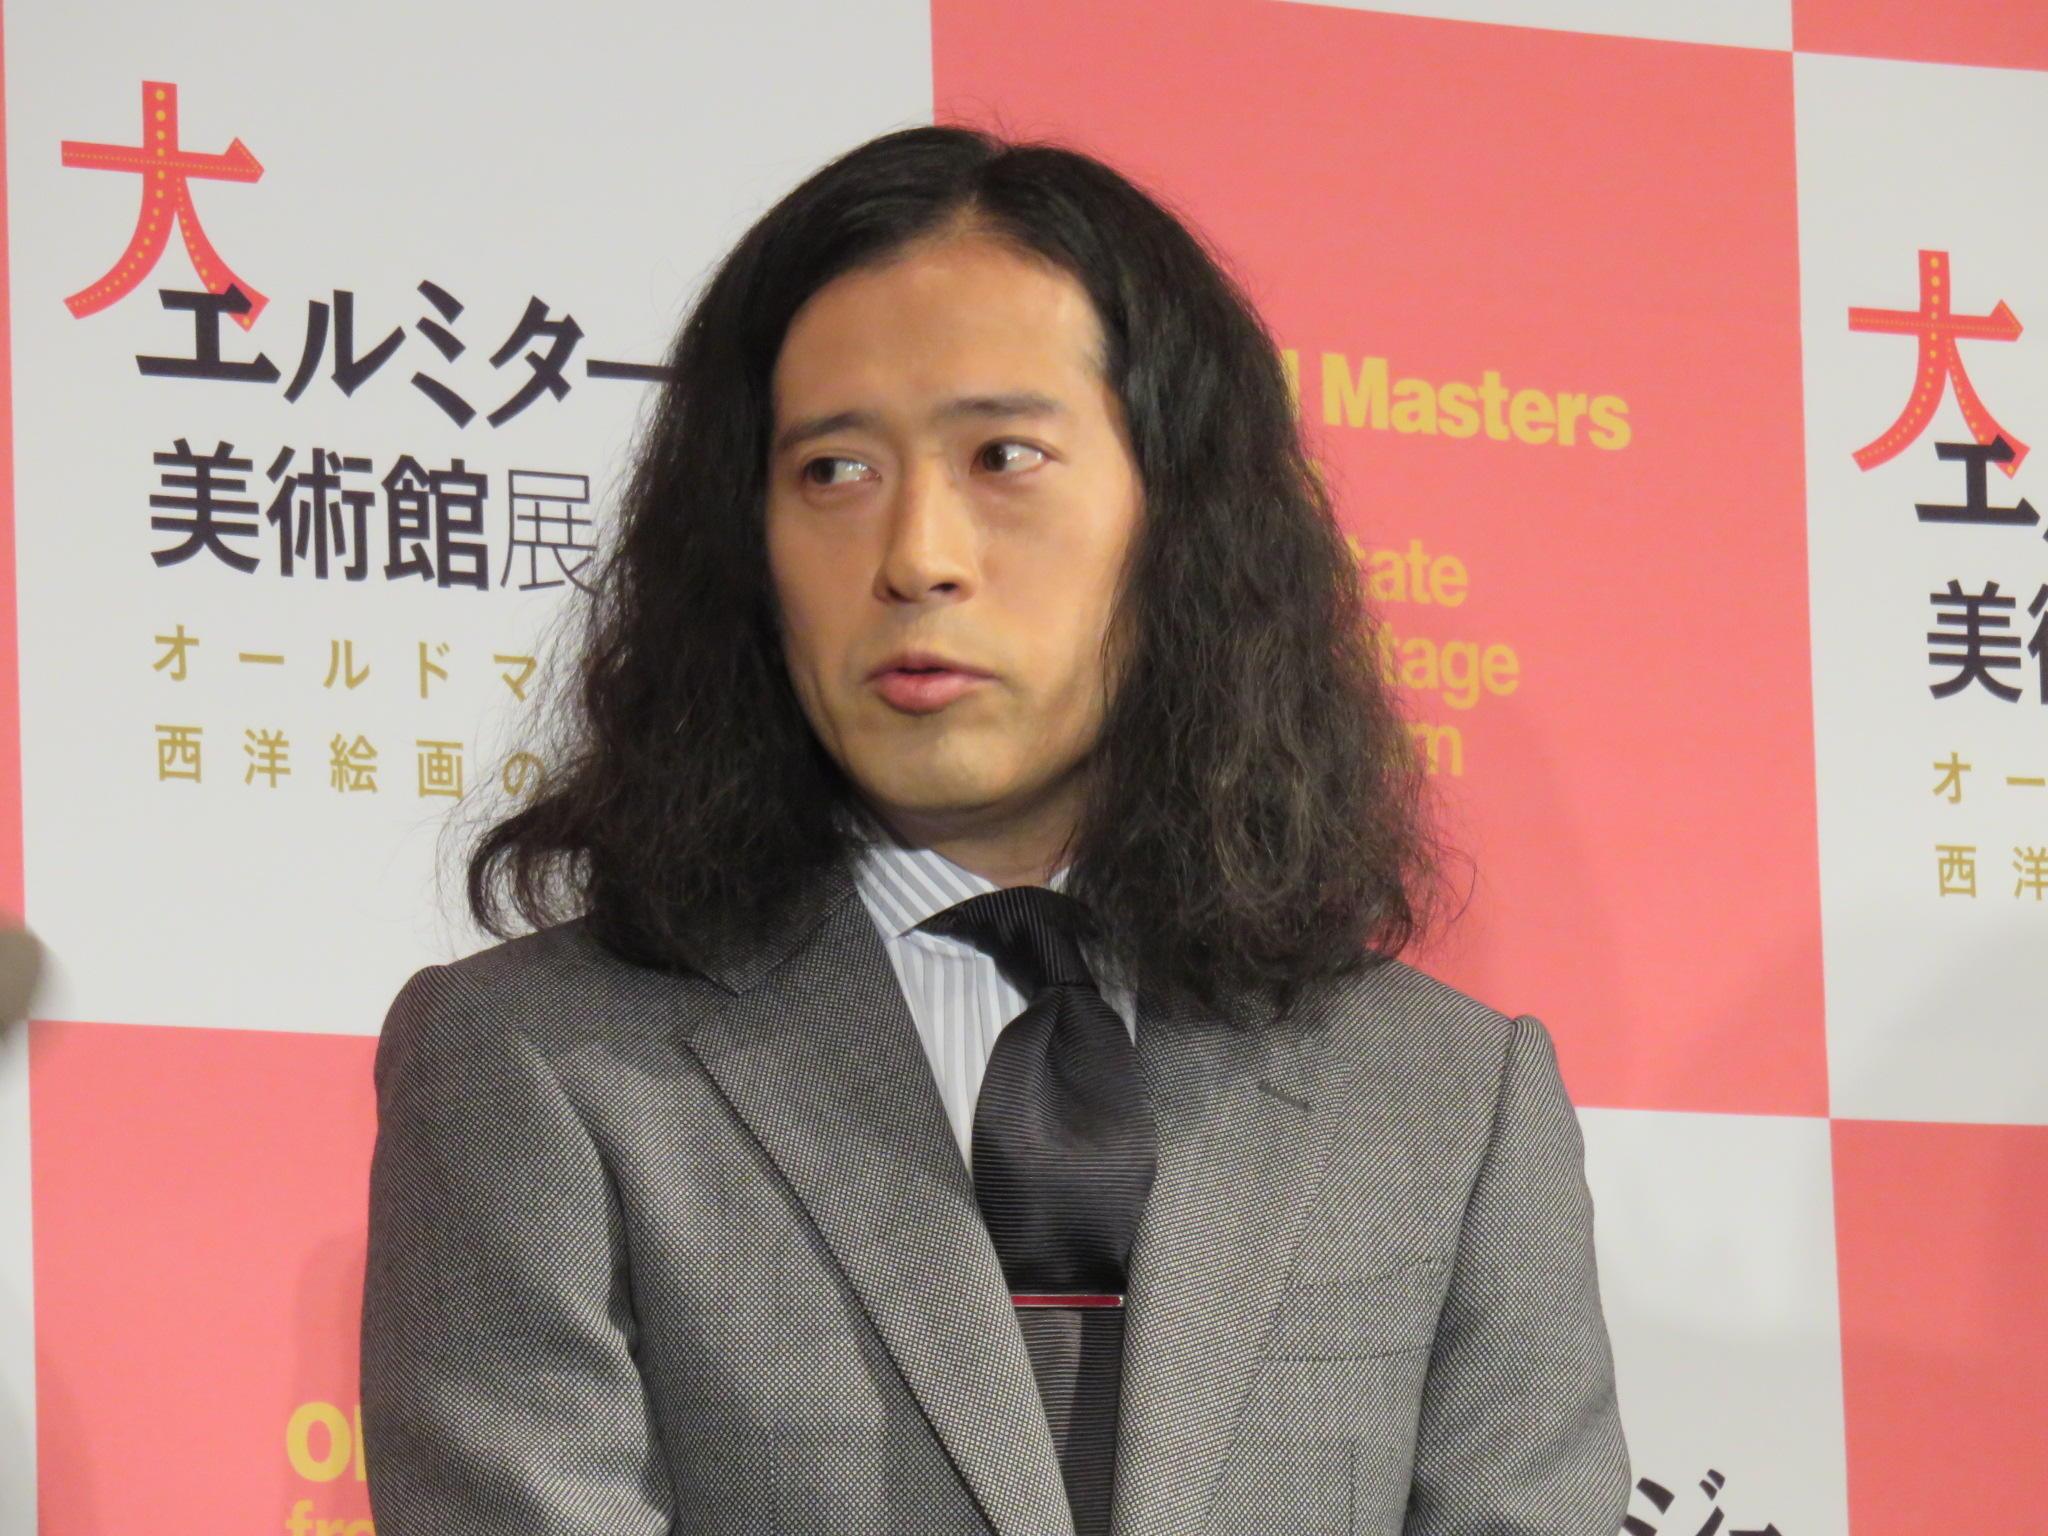 http://news.yoshimoto.co.jp/20170317220253-26e7293a024ab664596c6fa96ce57f728df86d14.jpg